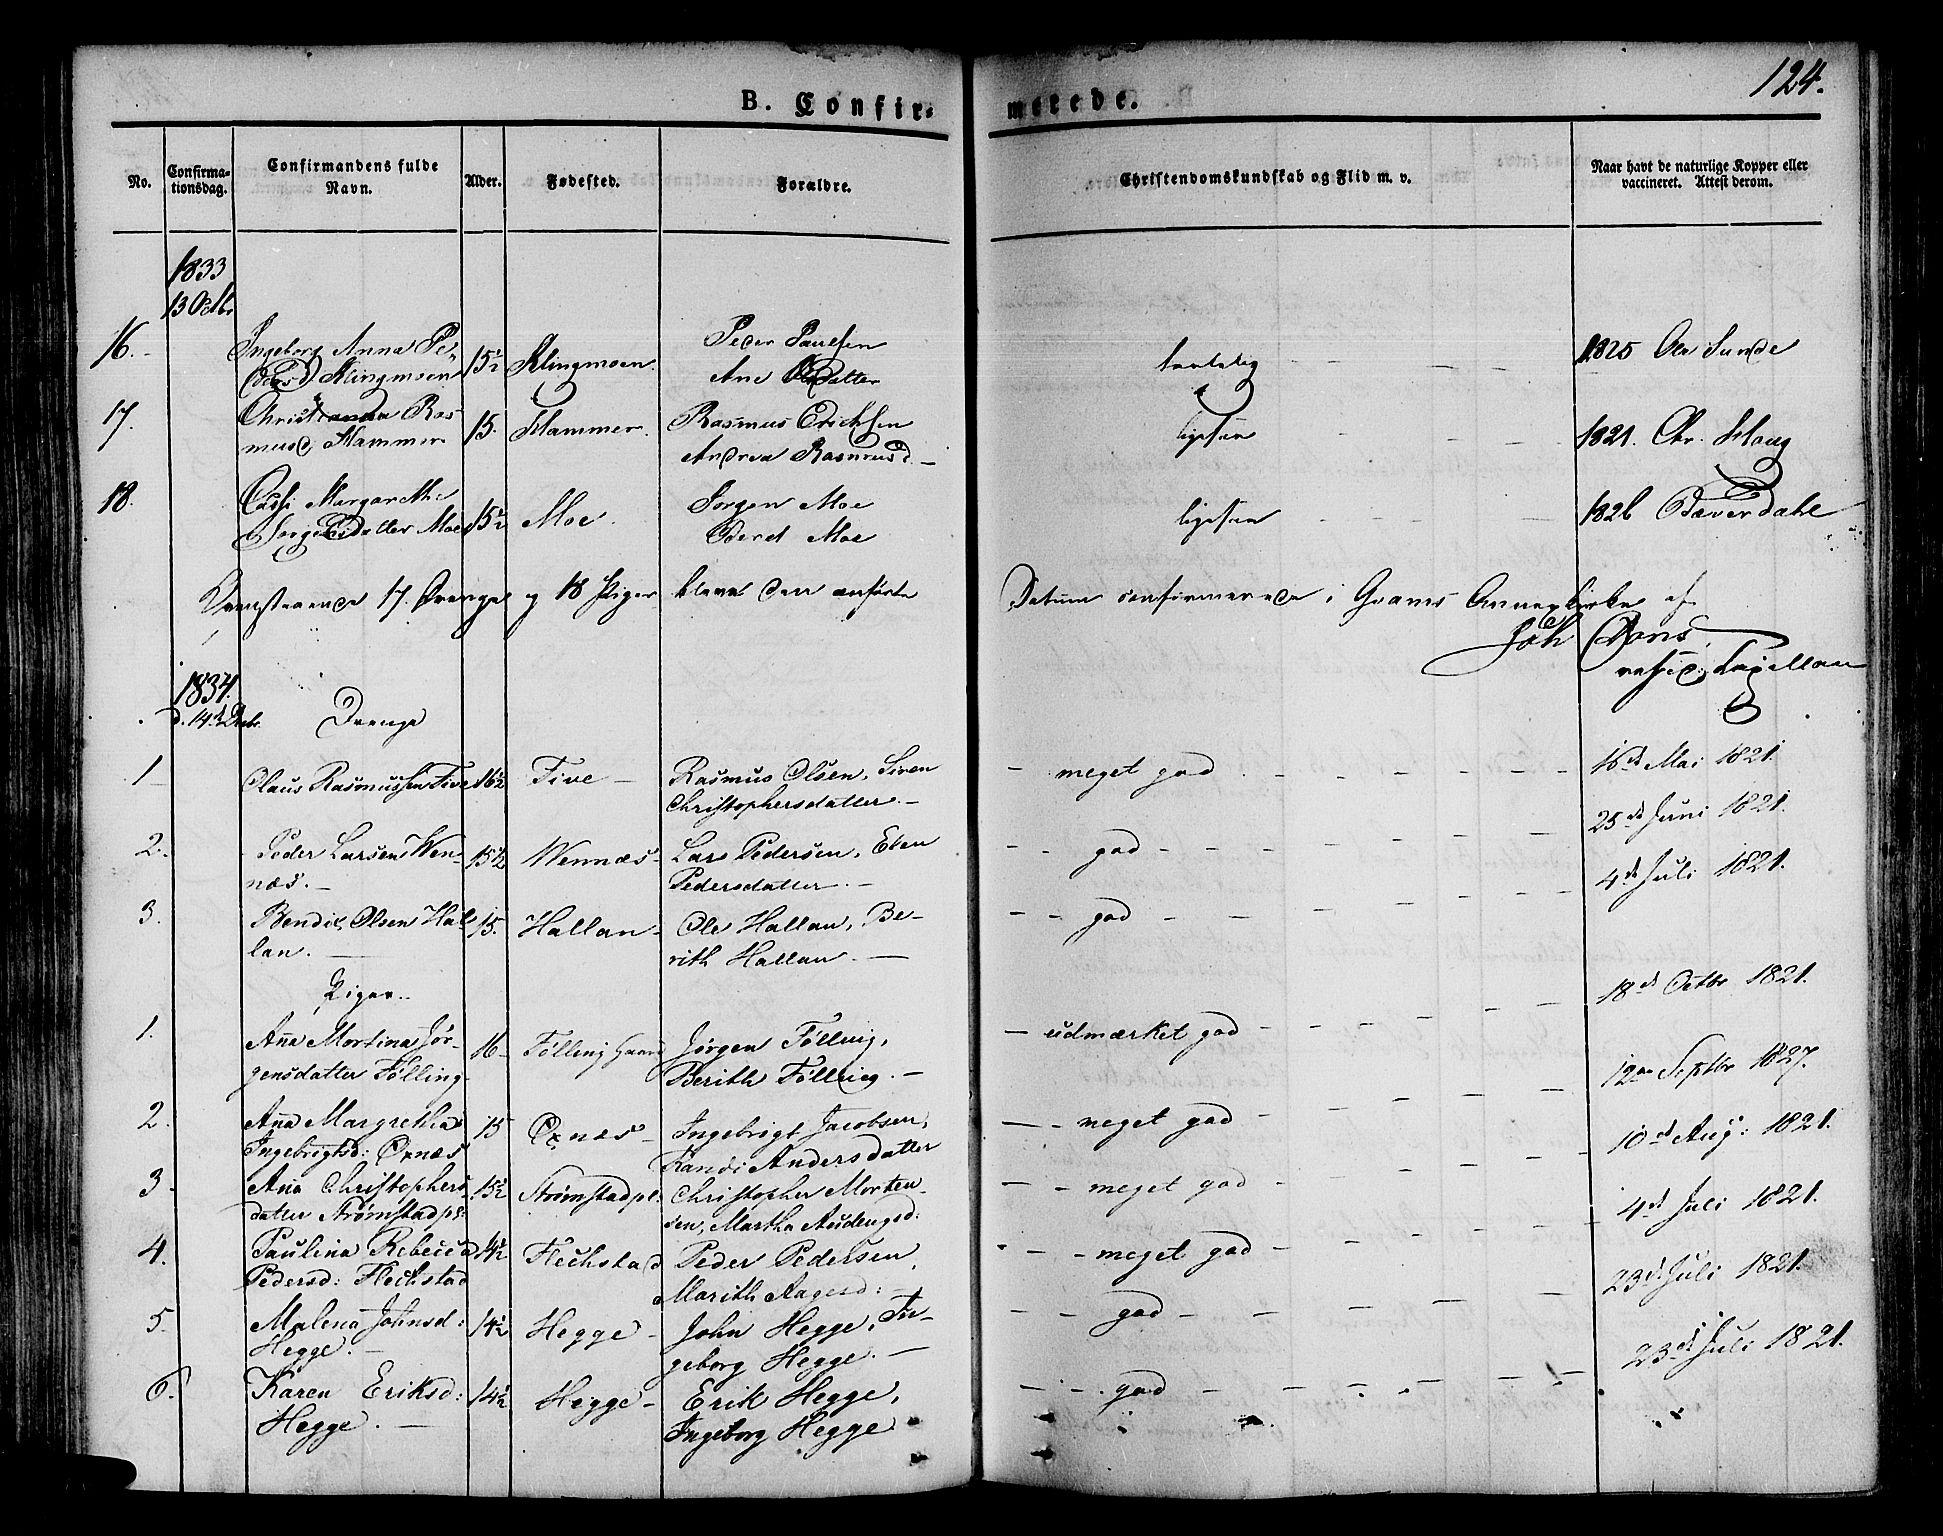 SAT, Ministerialprotokoller, klokkerbøker og fødselsregistre - Nord-Trøndelag, 746/L0445: Ministerialbok nr. 746A04, 1826-1846, s. 124